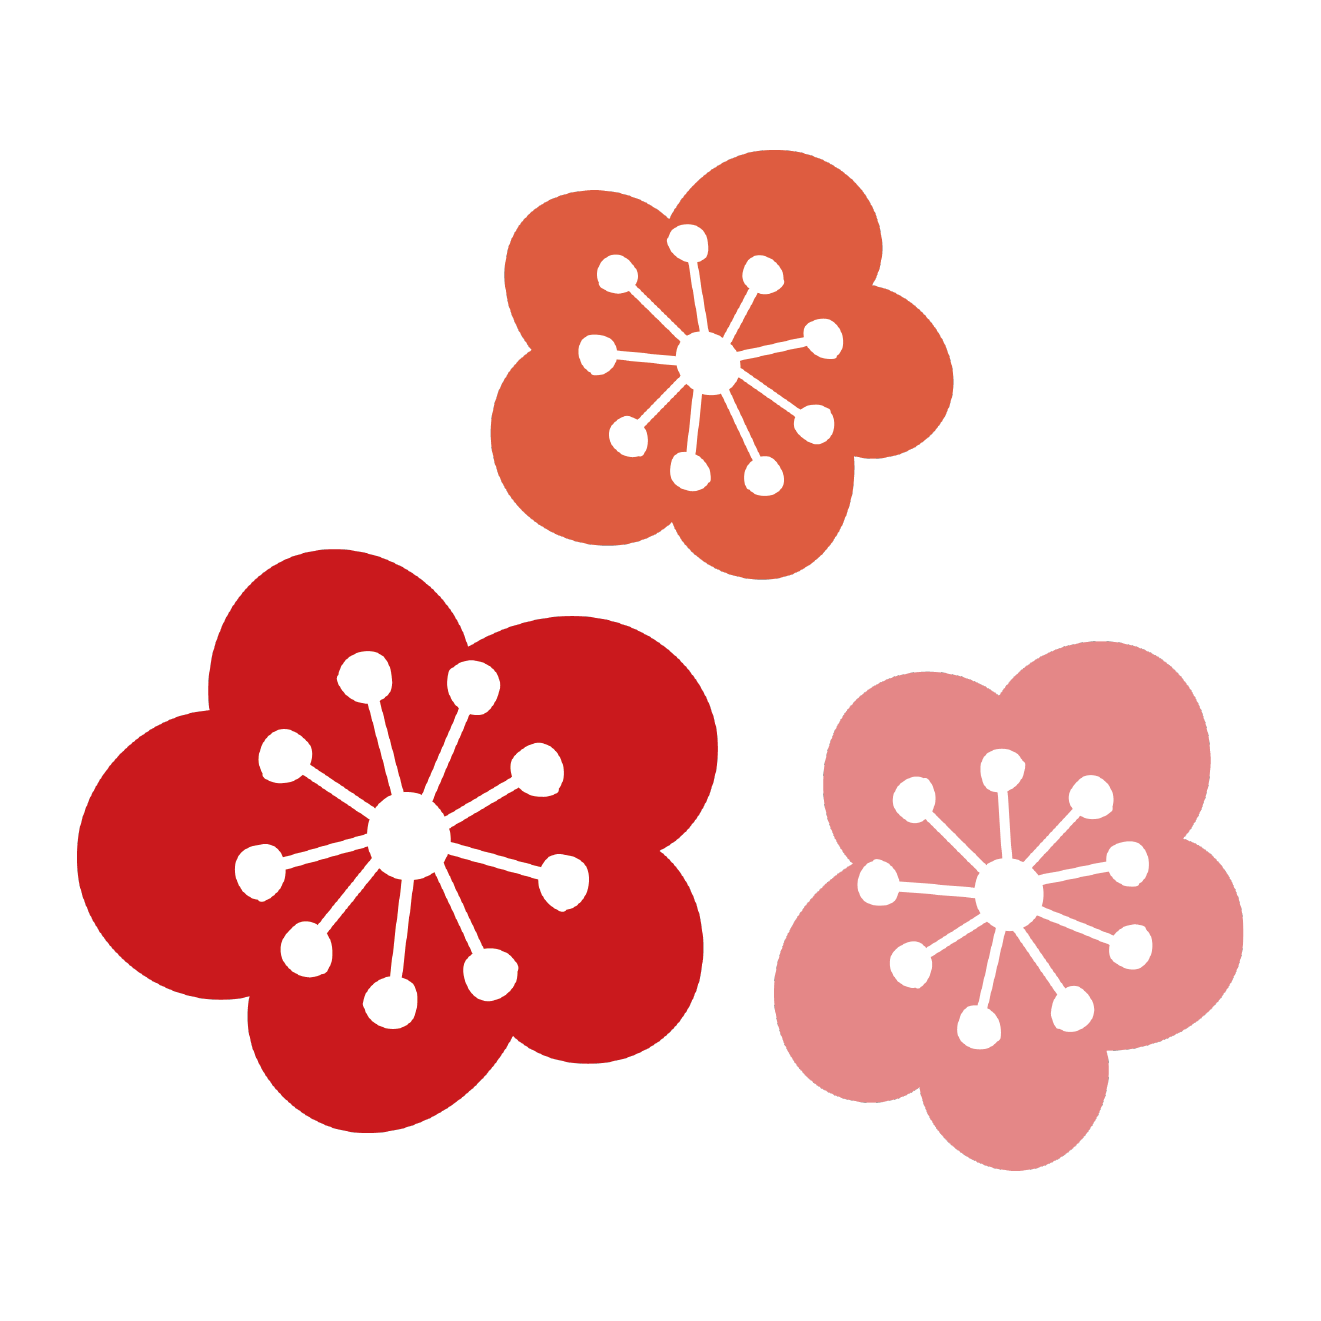 花かわいい梅ウメの花のイラスト 商用フリー無料のイラスト